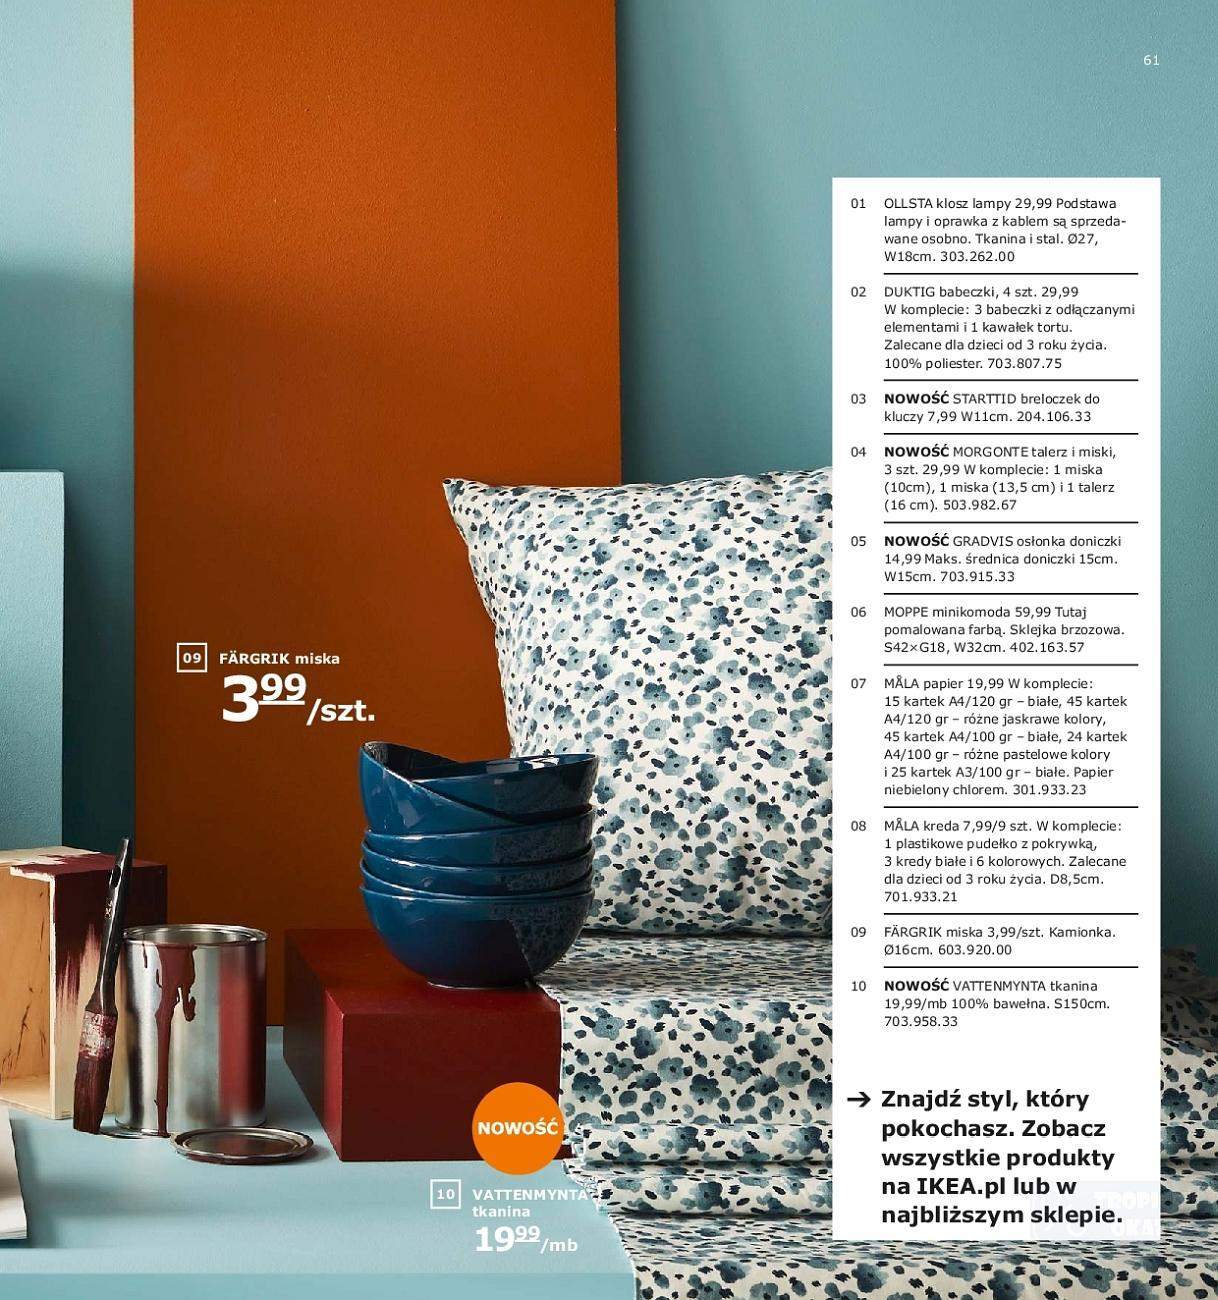 Gazetka promocyjna IKEA do 31/07/2019 str.61